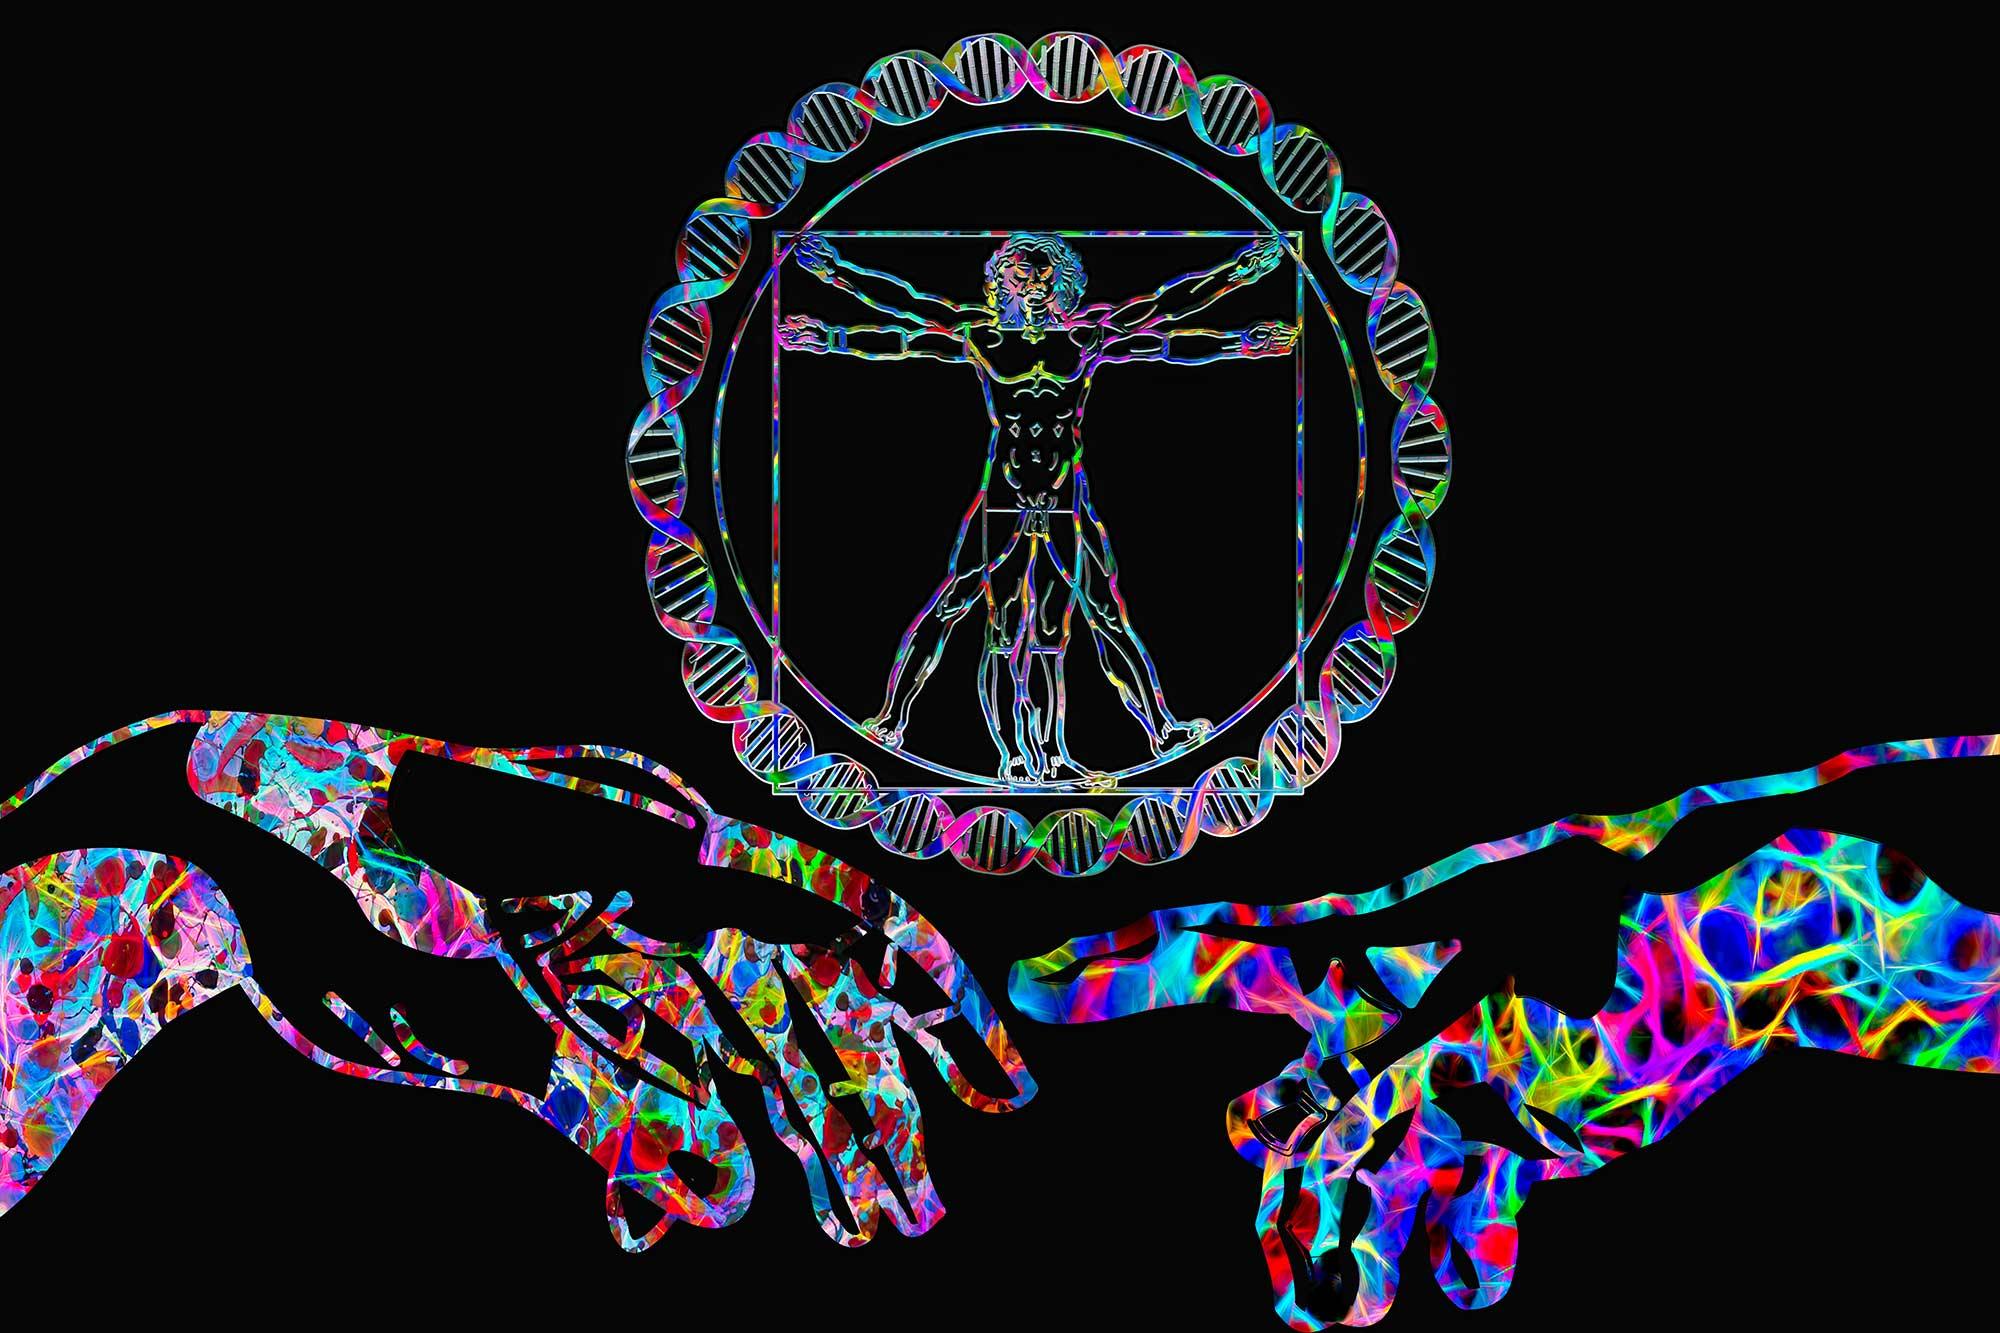 Corona, die Bewusstseinsebenen, die Selbstklärung und die Haltung des Nicht-Wissens